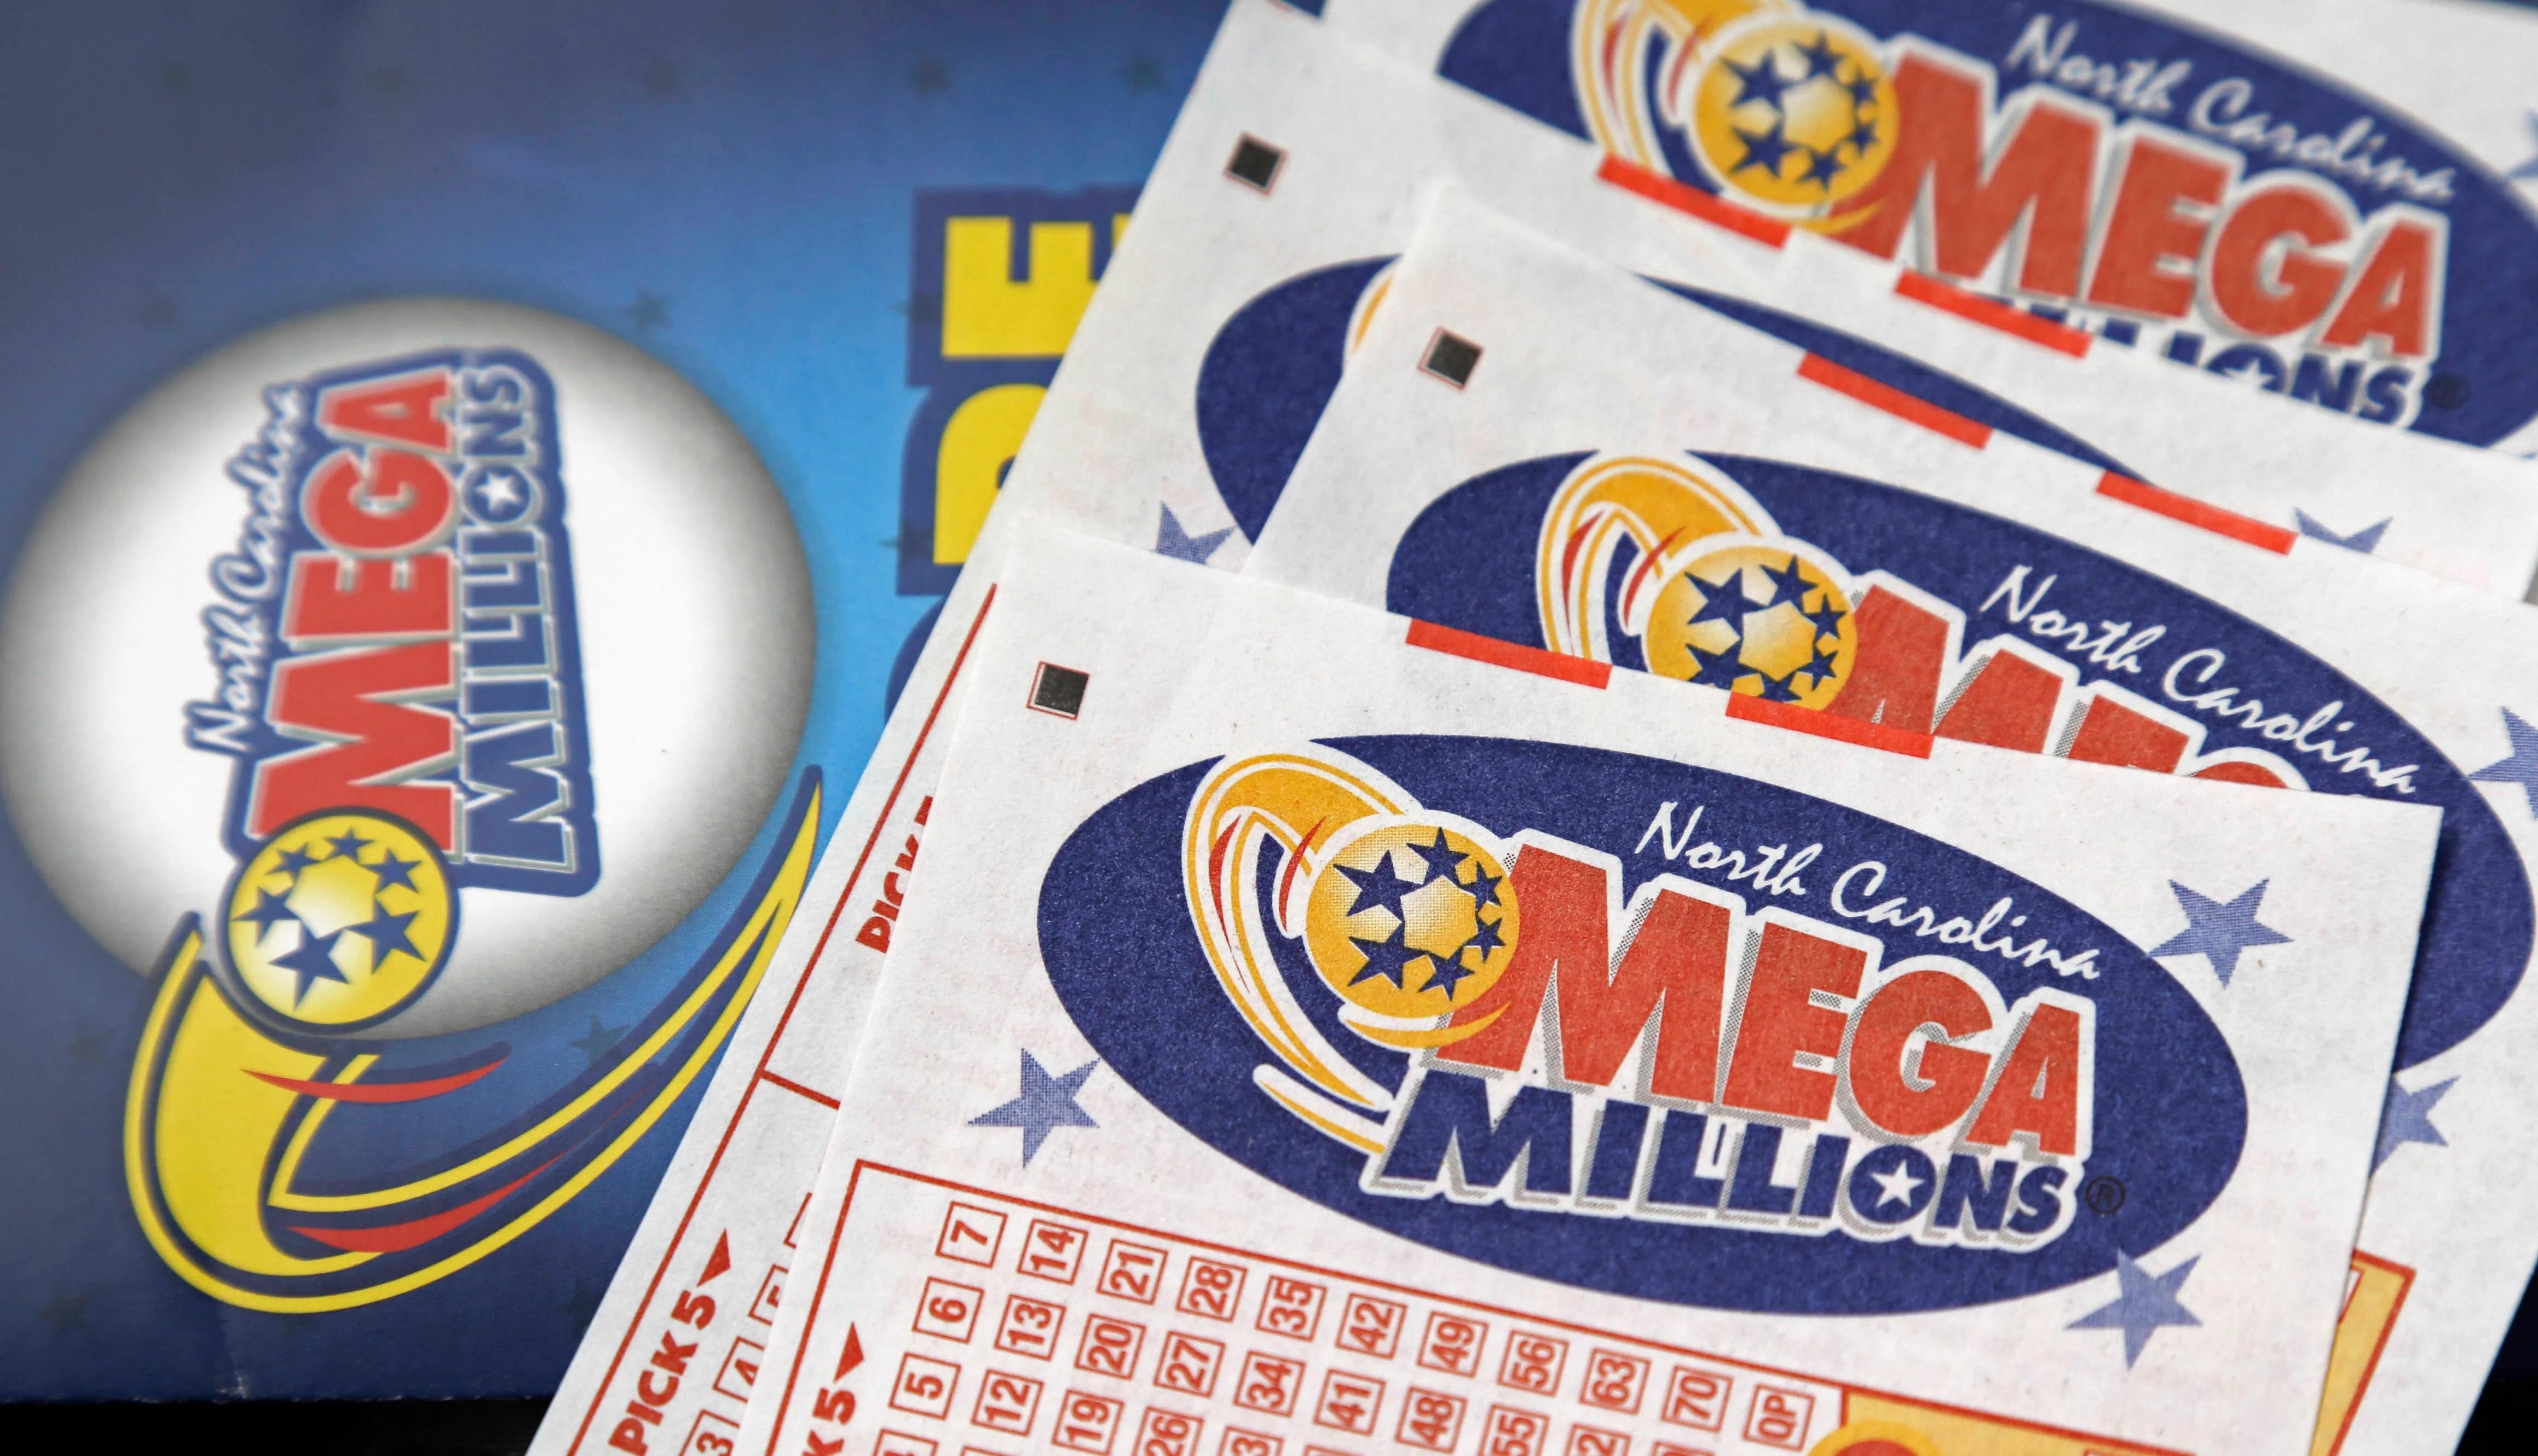 Mega_Millions_Jackpot_98313-159532-159532-159532.jpg74254255